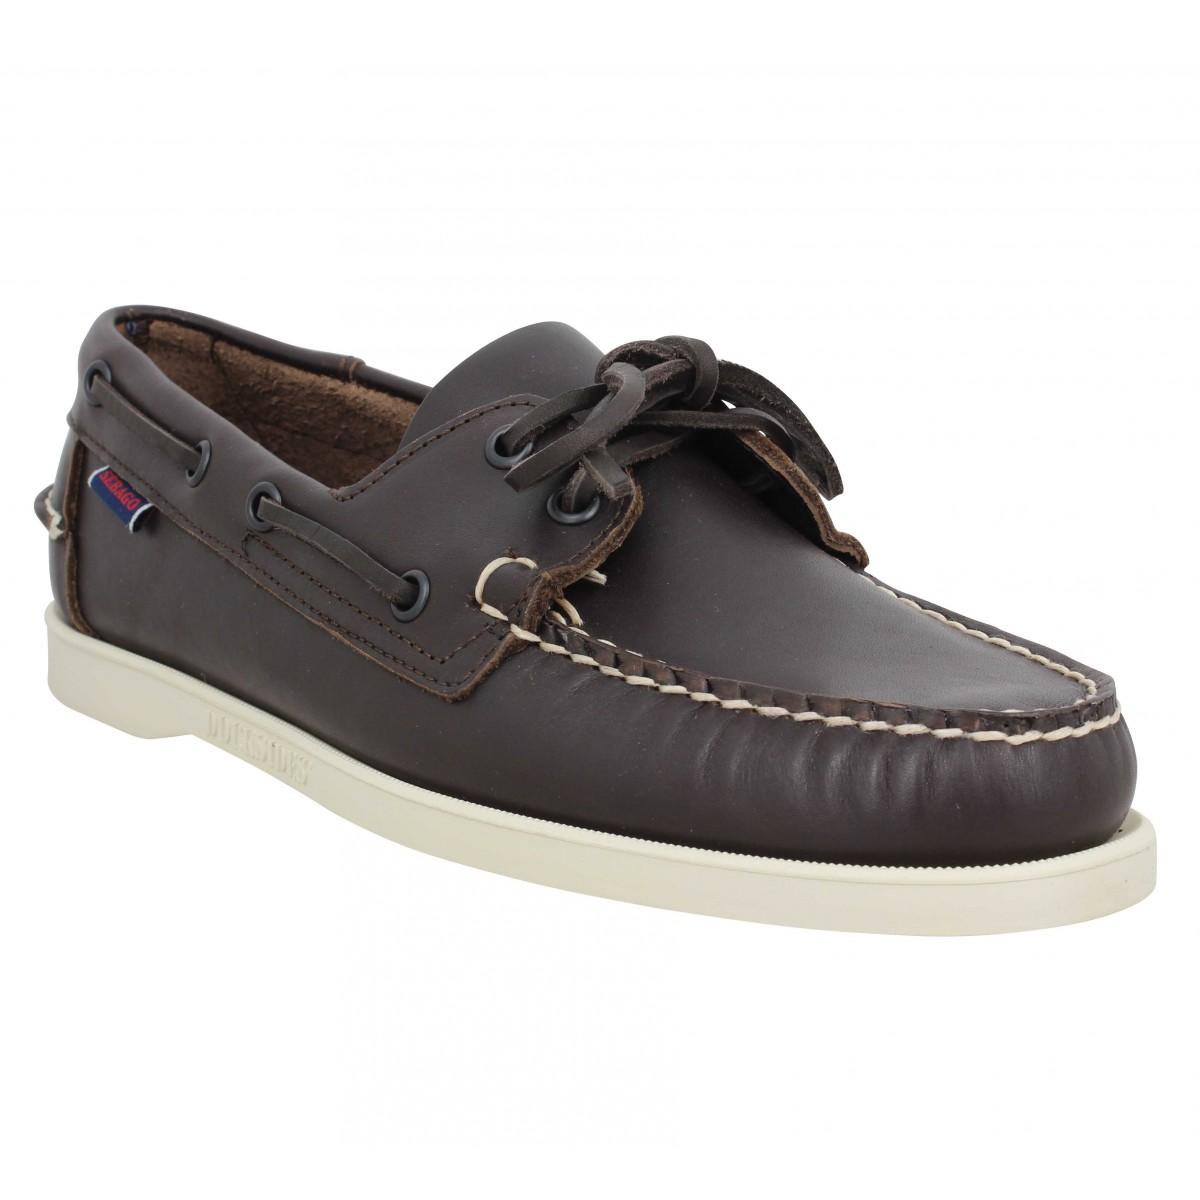 Chaussures bateaux SEBAGO Docksides Portland cuir Homme Marron